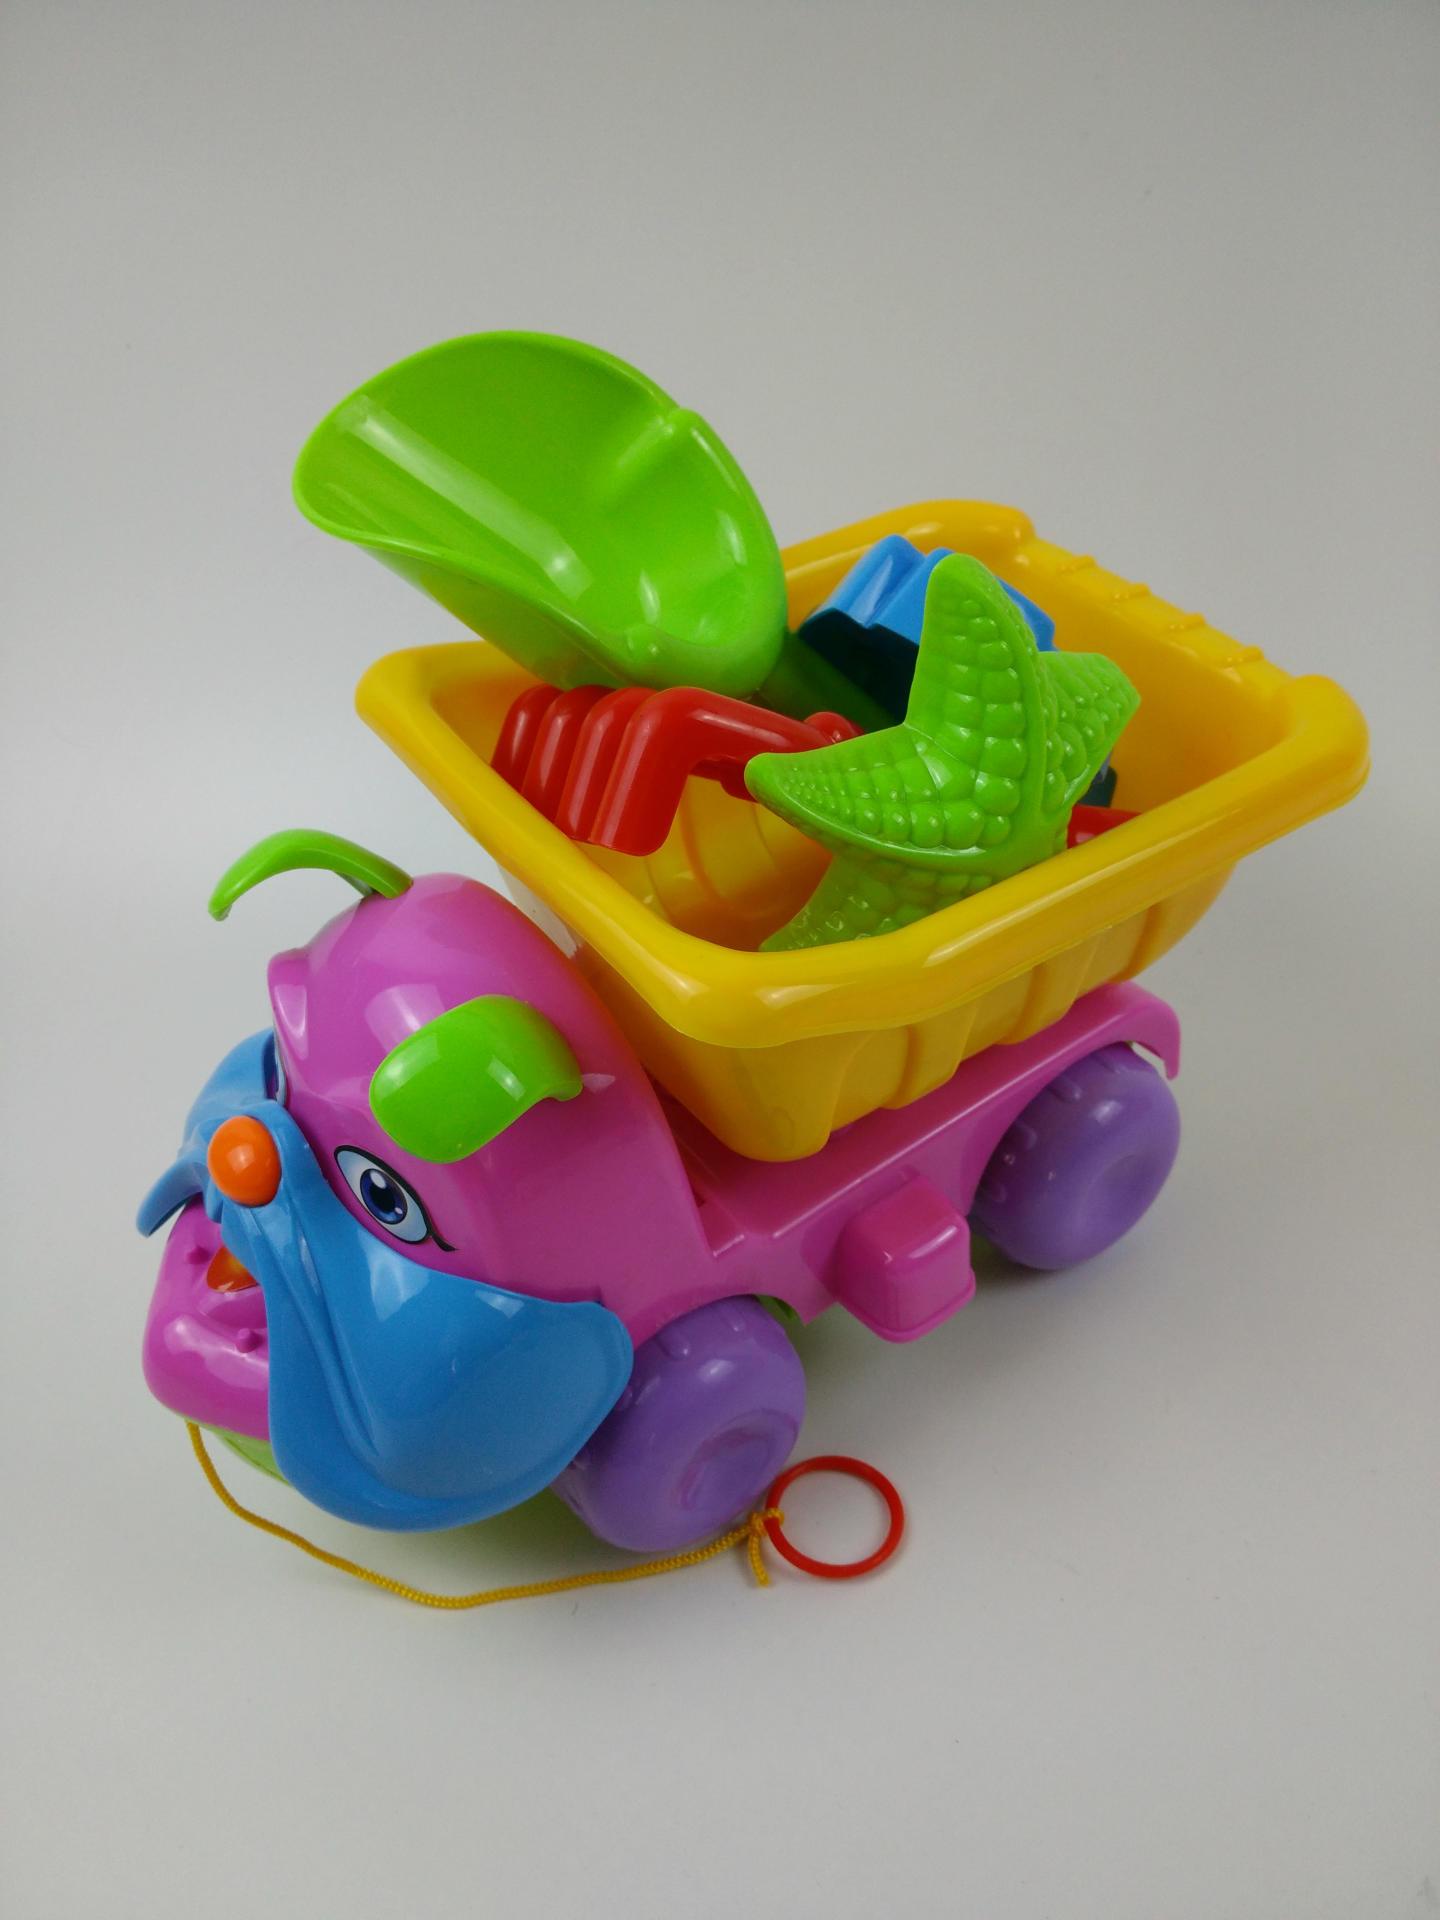 082A卡通狗沙滩车玩具套装儿童过家家玩具决明子挖沙工具